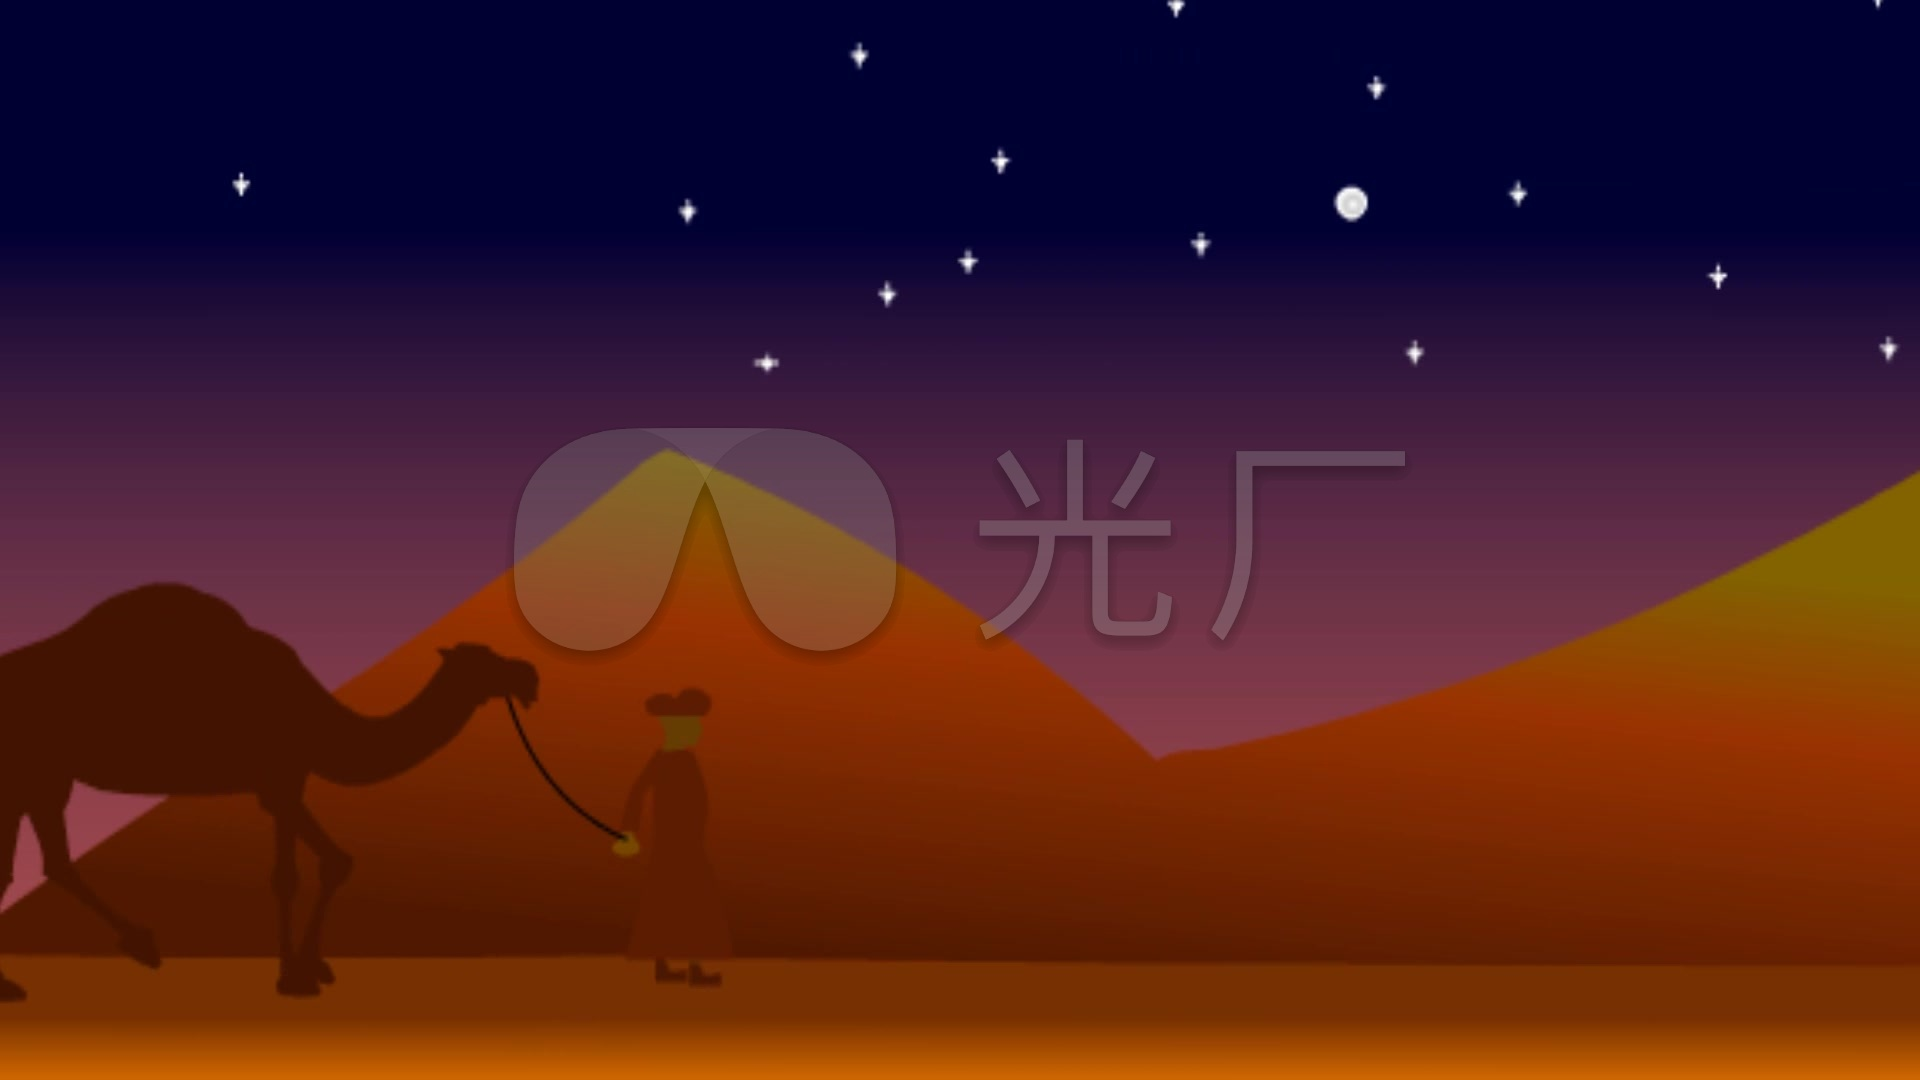 埃及金字塔沙漠骆驼图片